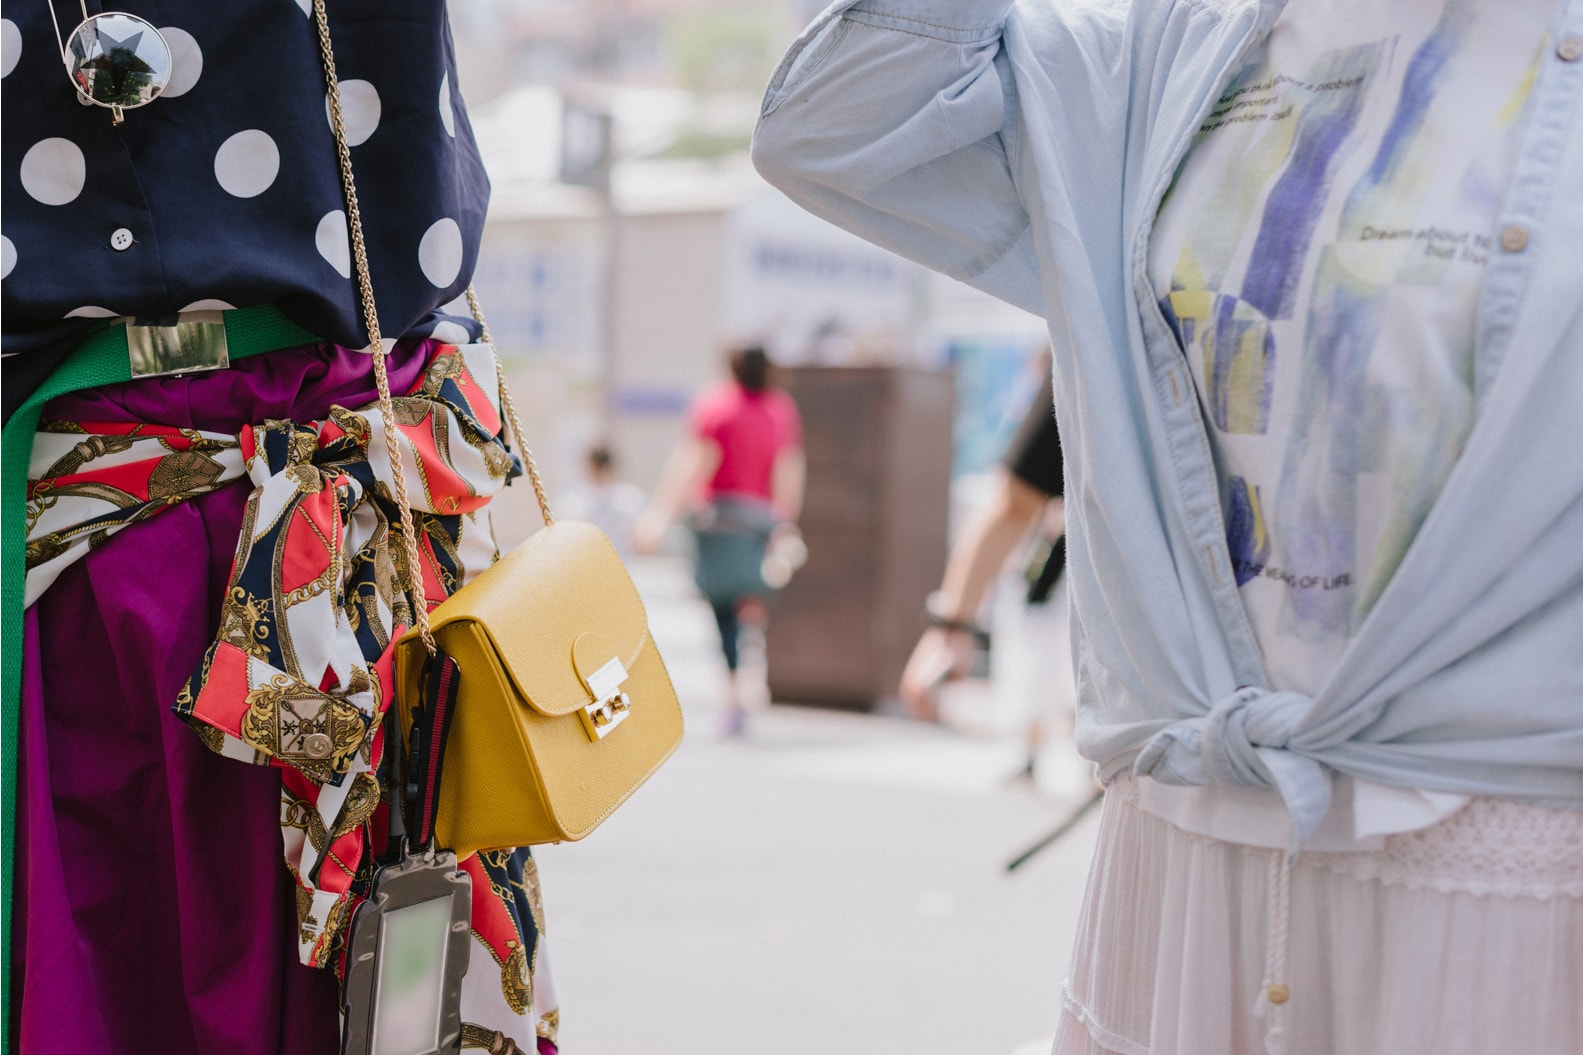 女子高生の2017年最新トレンドファッションをチェック!モデル・佐久間乃愛ちゃんによる街頭インタビューレポート!